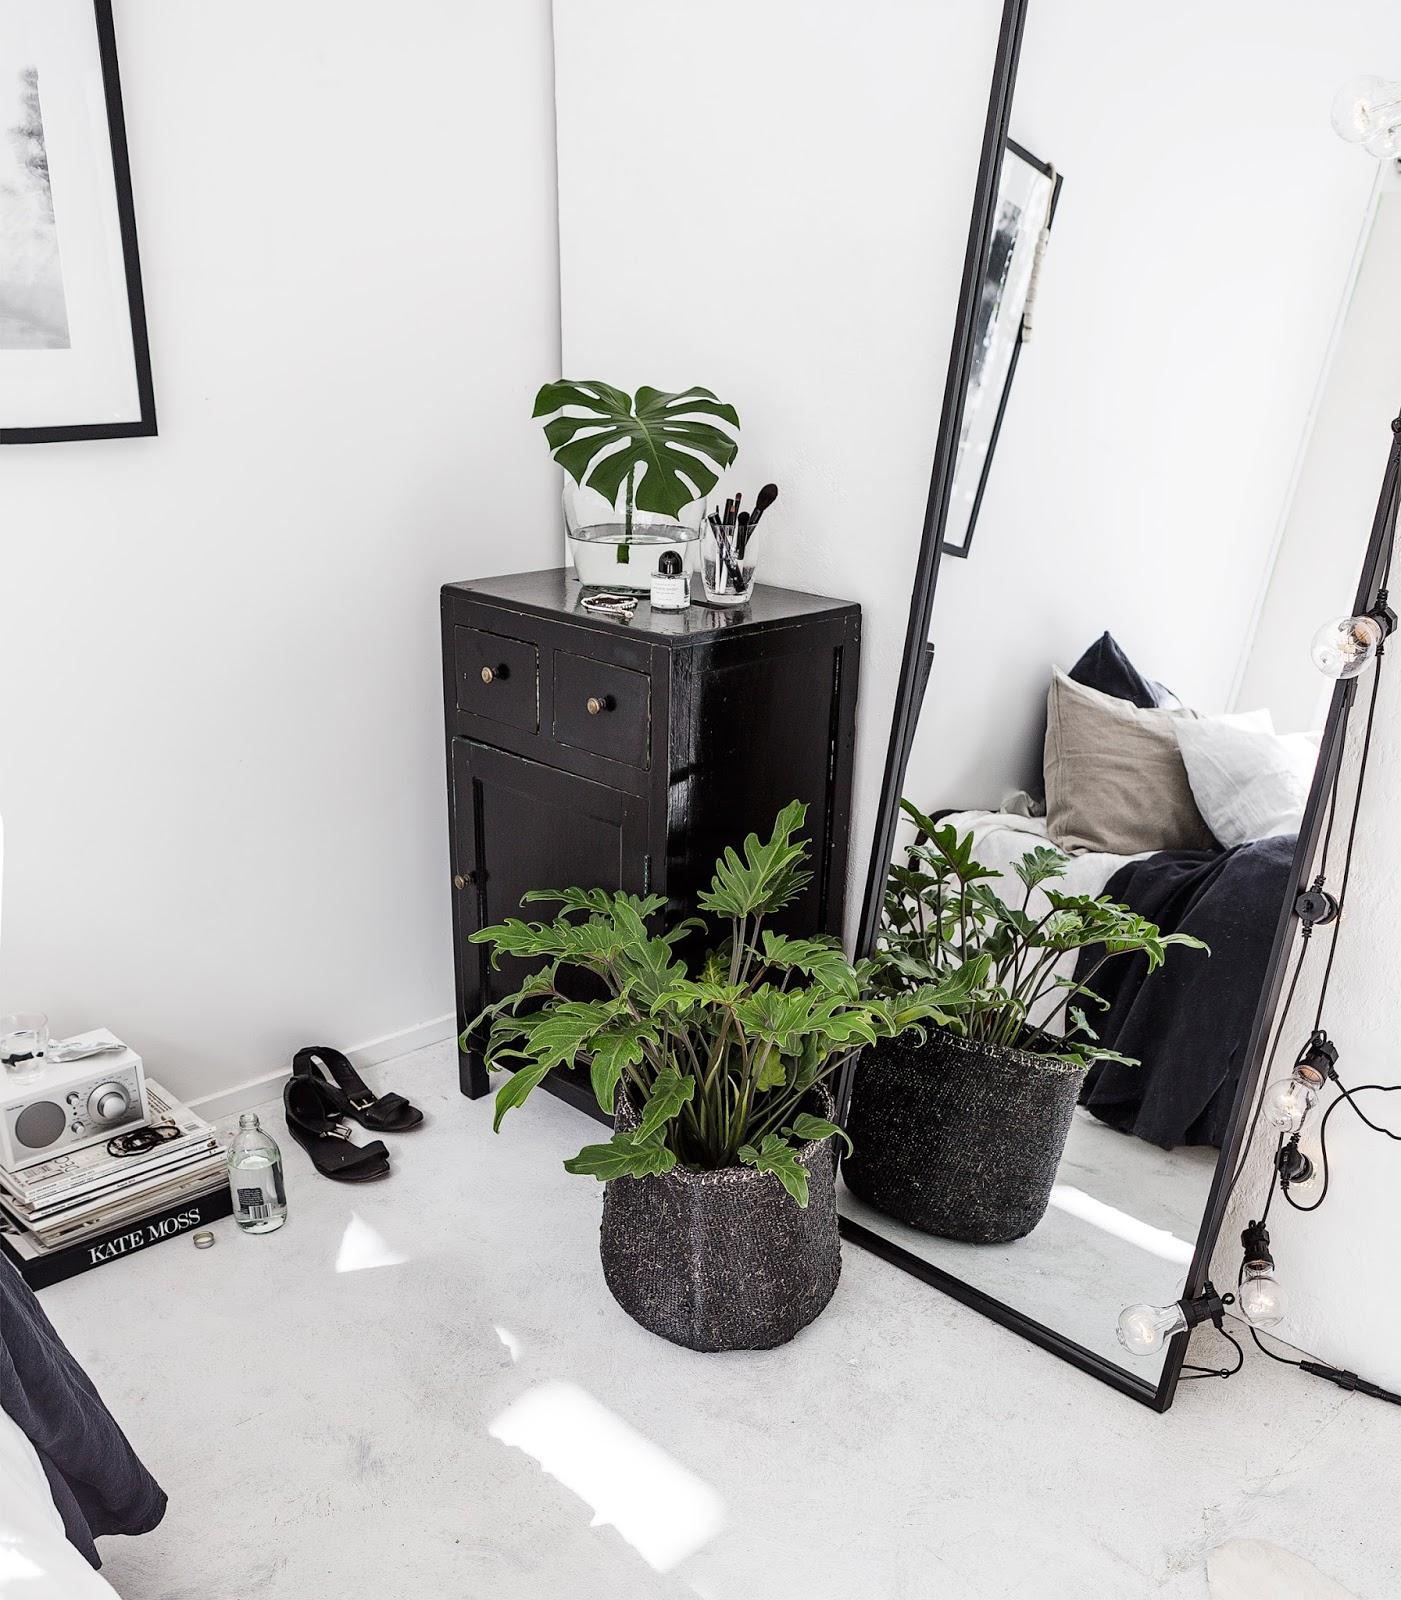 La petite fabrique de rêves: ethnic style : une jolie chambre ...